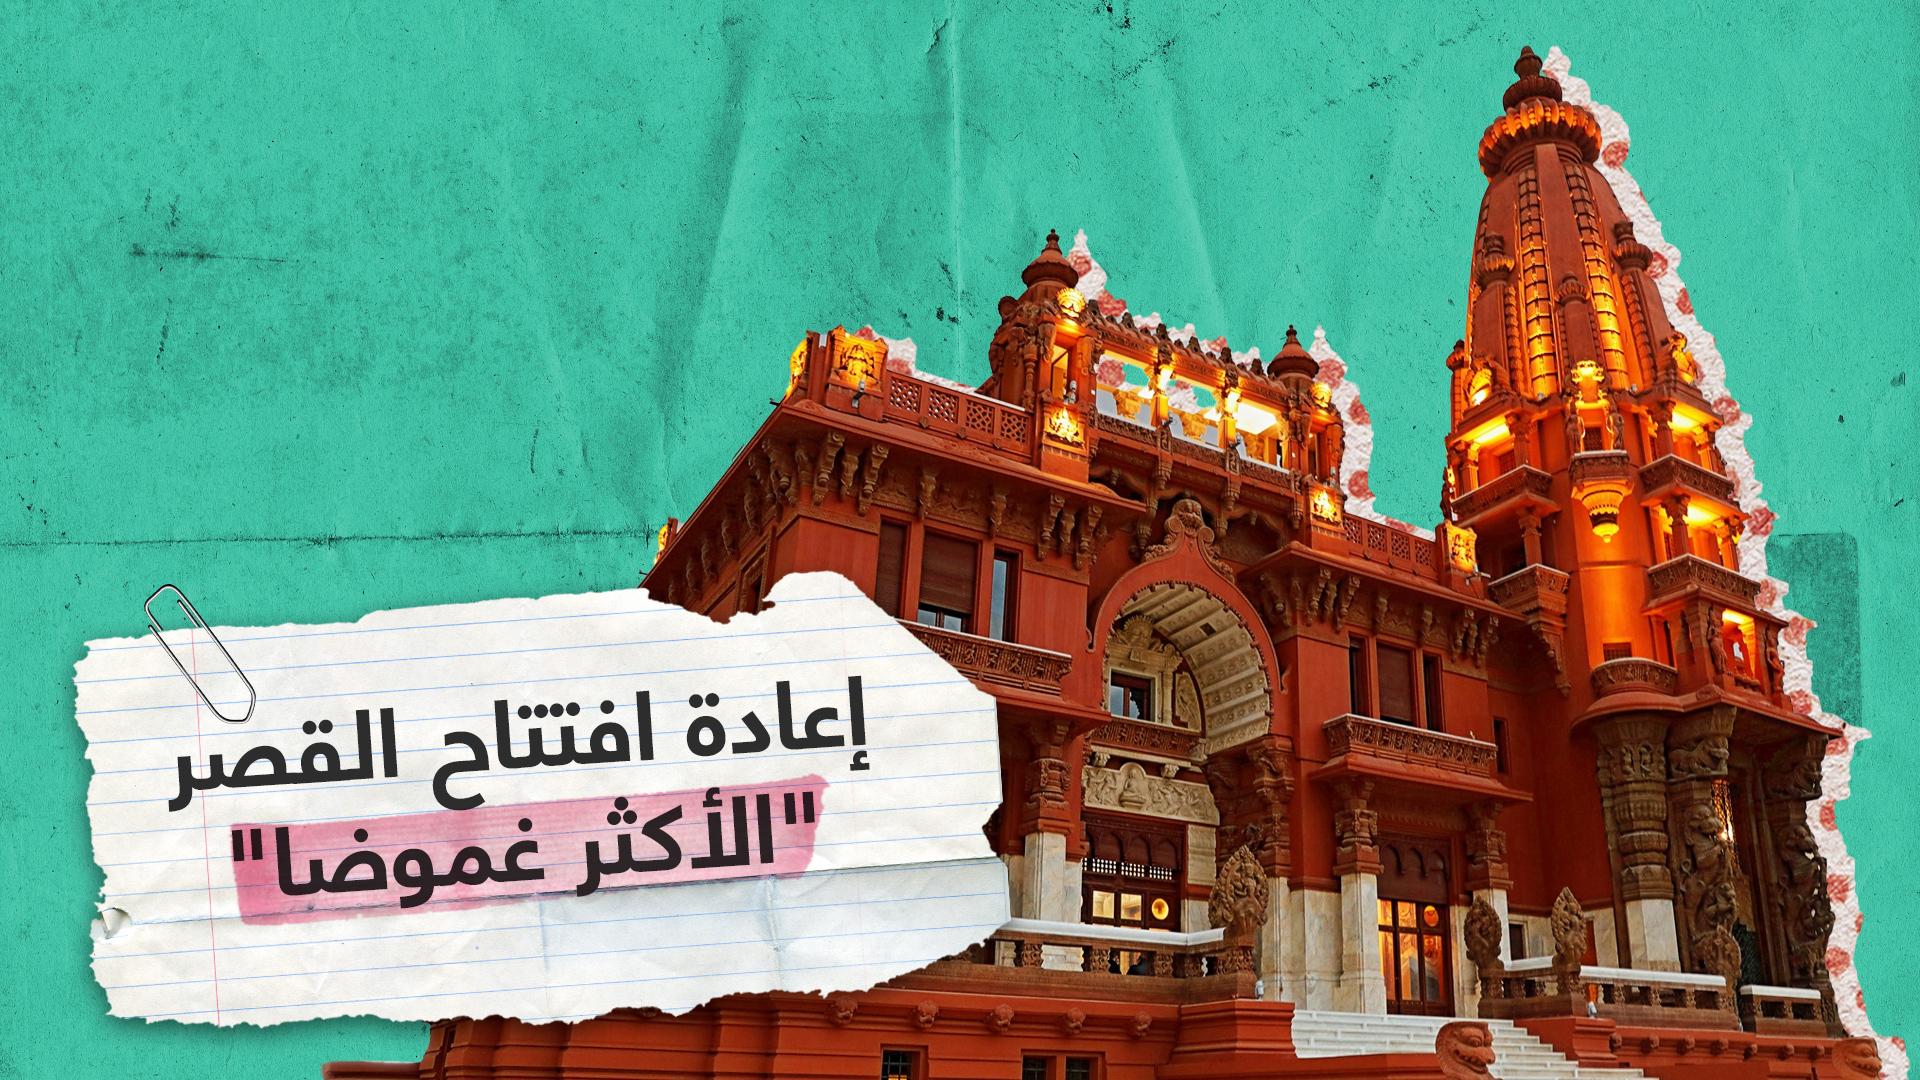 مصر تعيد افتتاح قصر البارون إمبان التاريخي